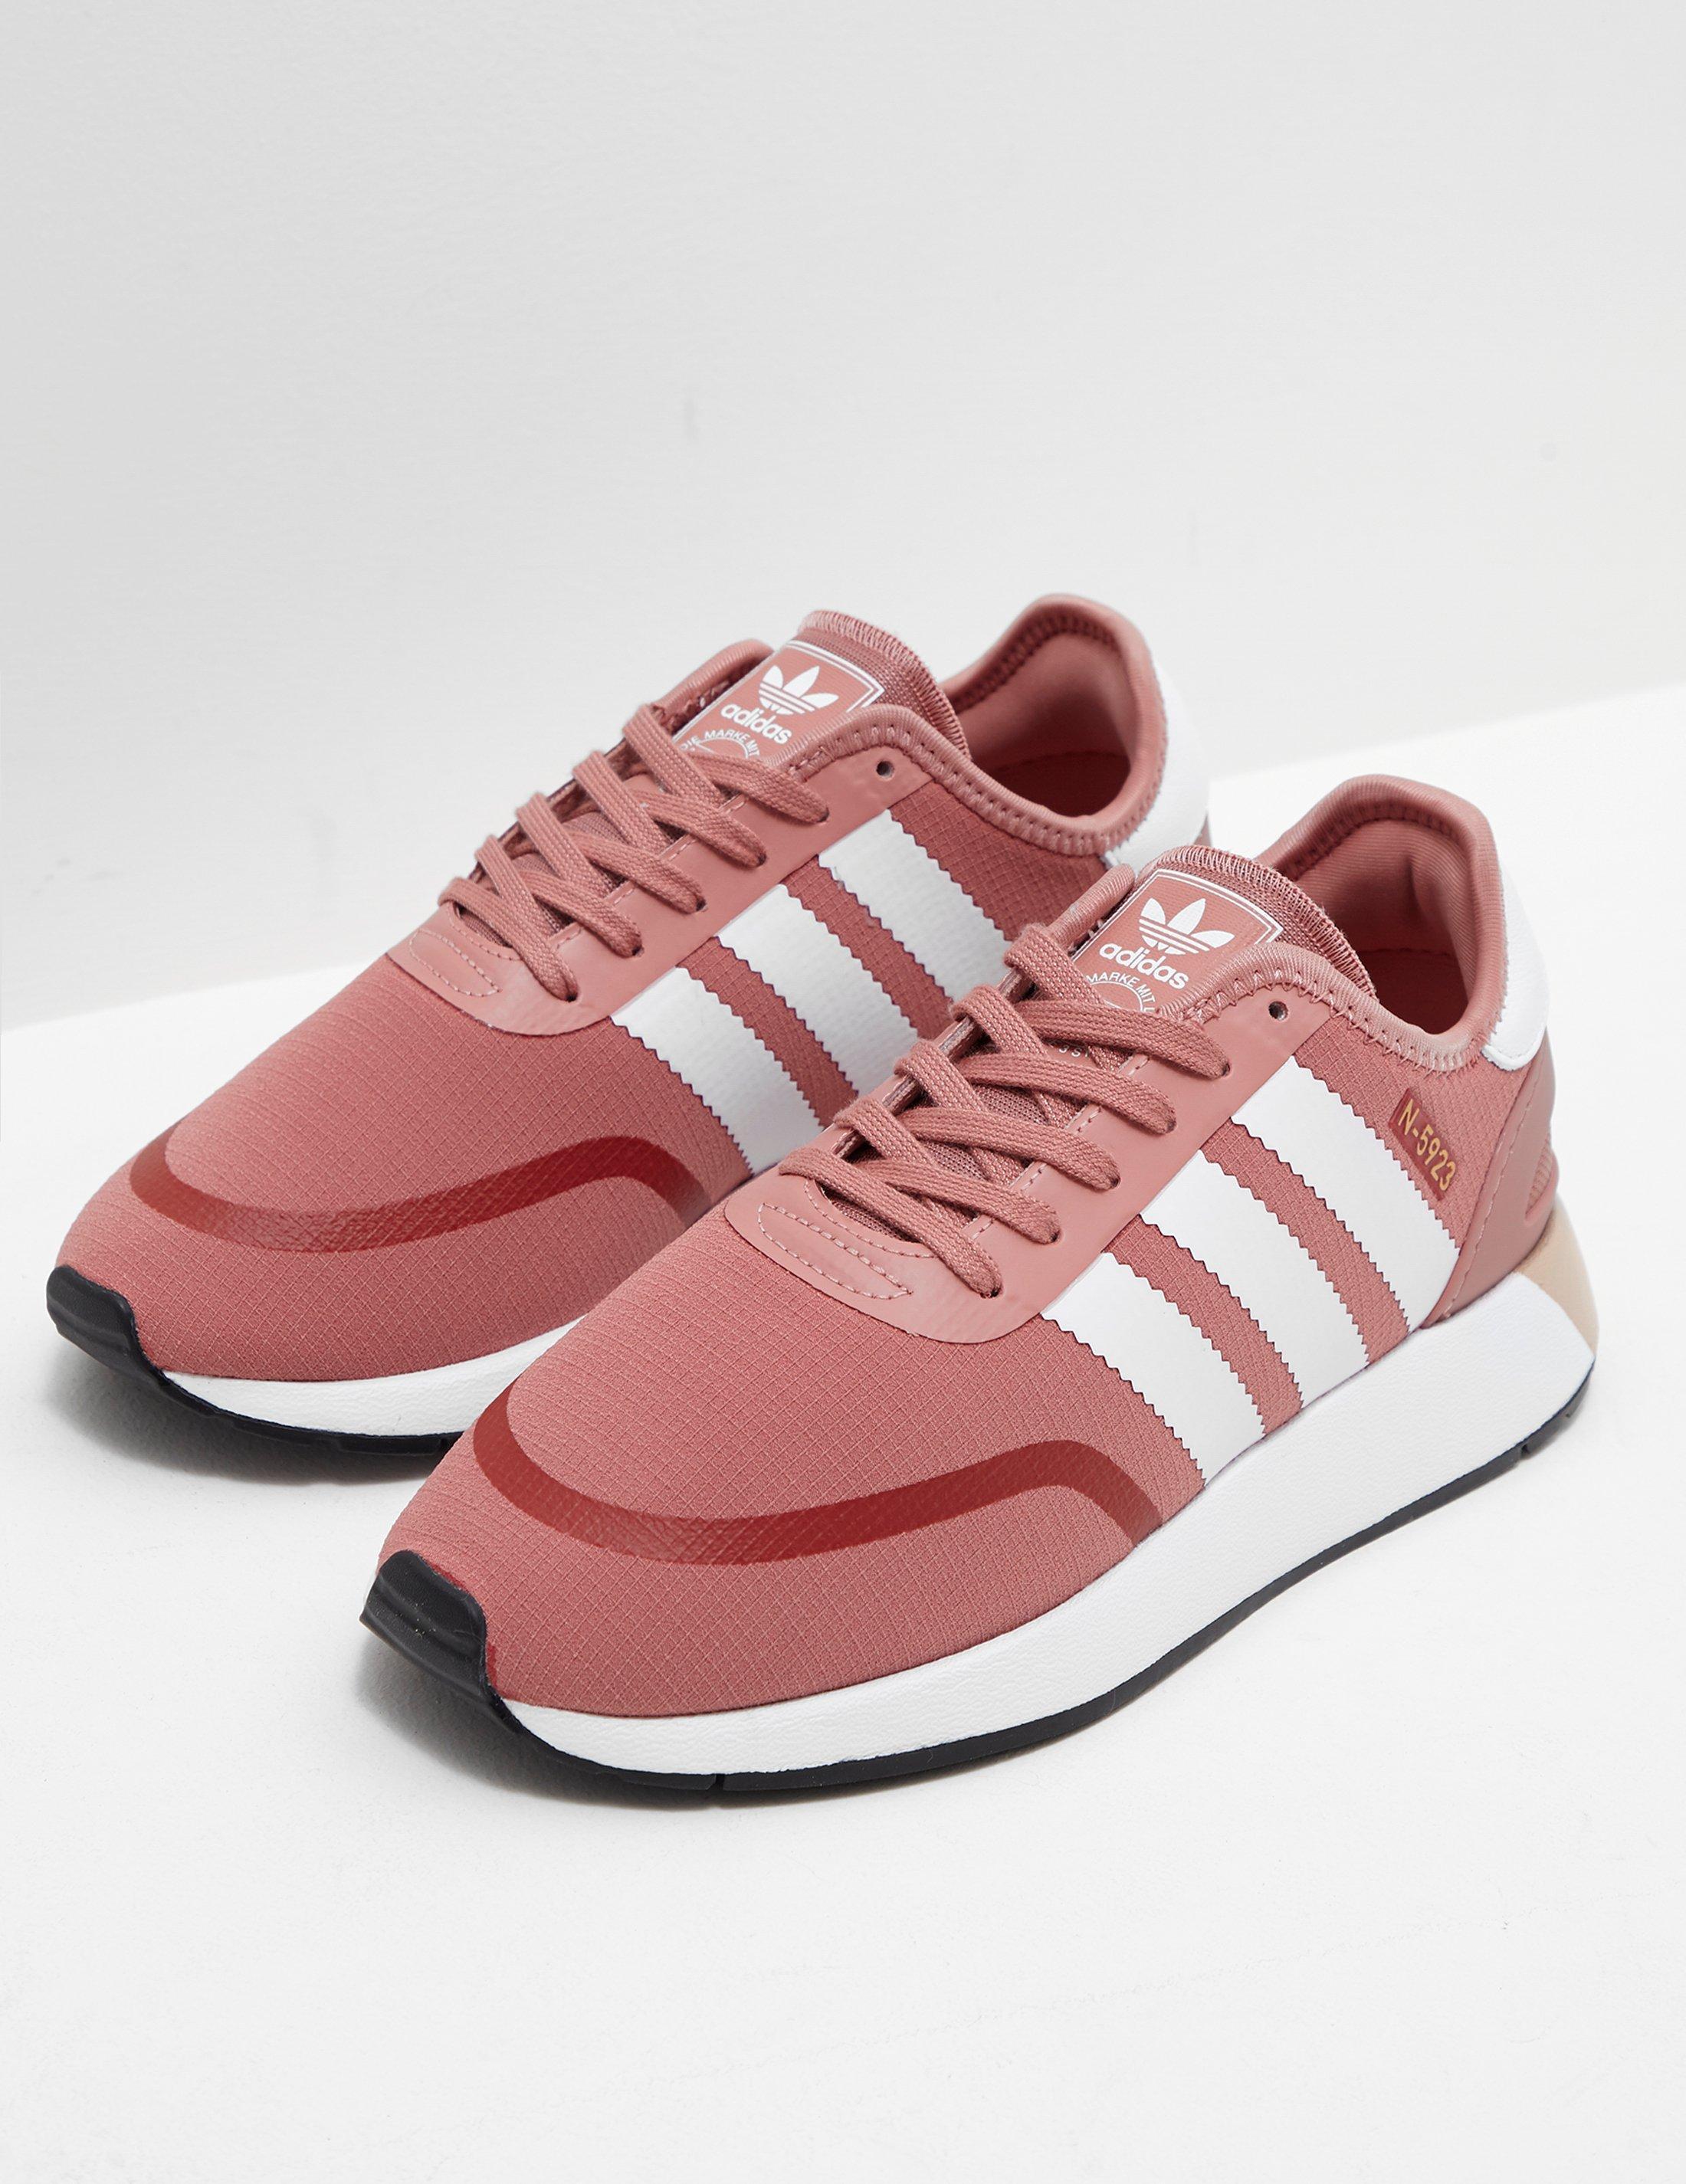 best website 8c563 8f4f3 adidas Originals Womens N-5923 Women s Pink in Pink - Lyst